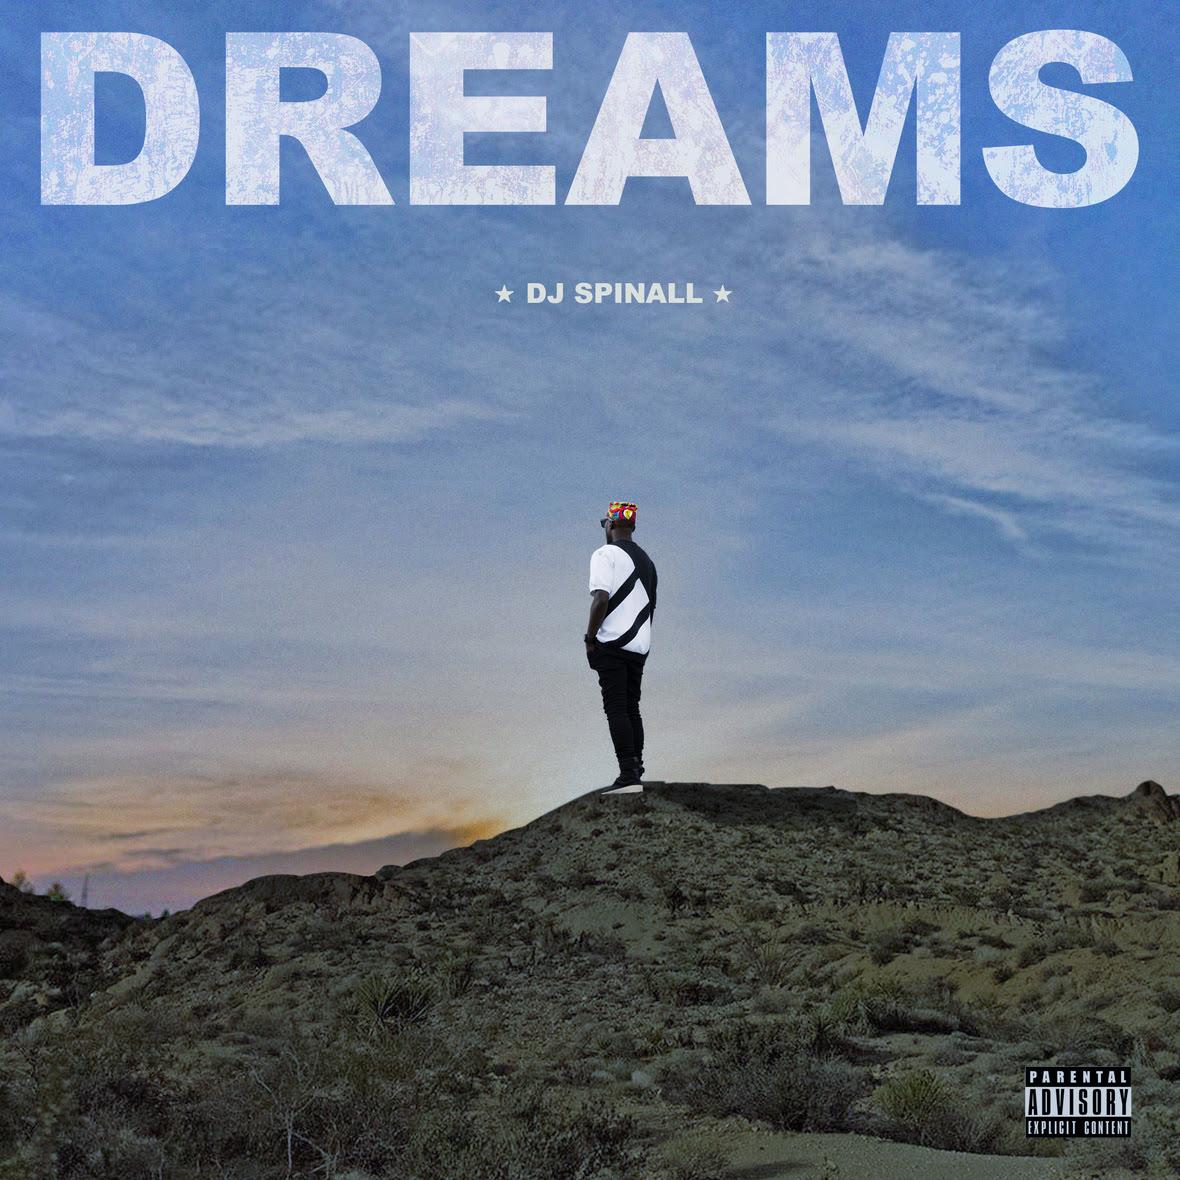 DREAM - DJ Spinall